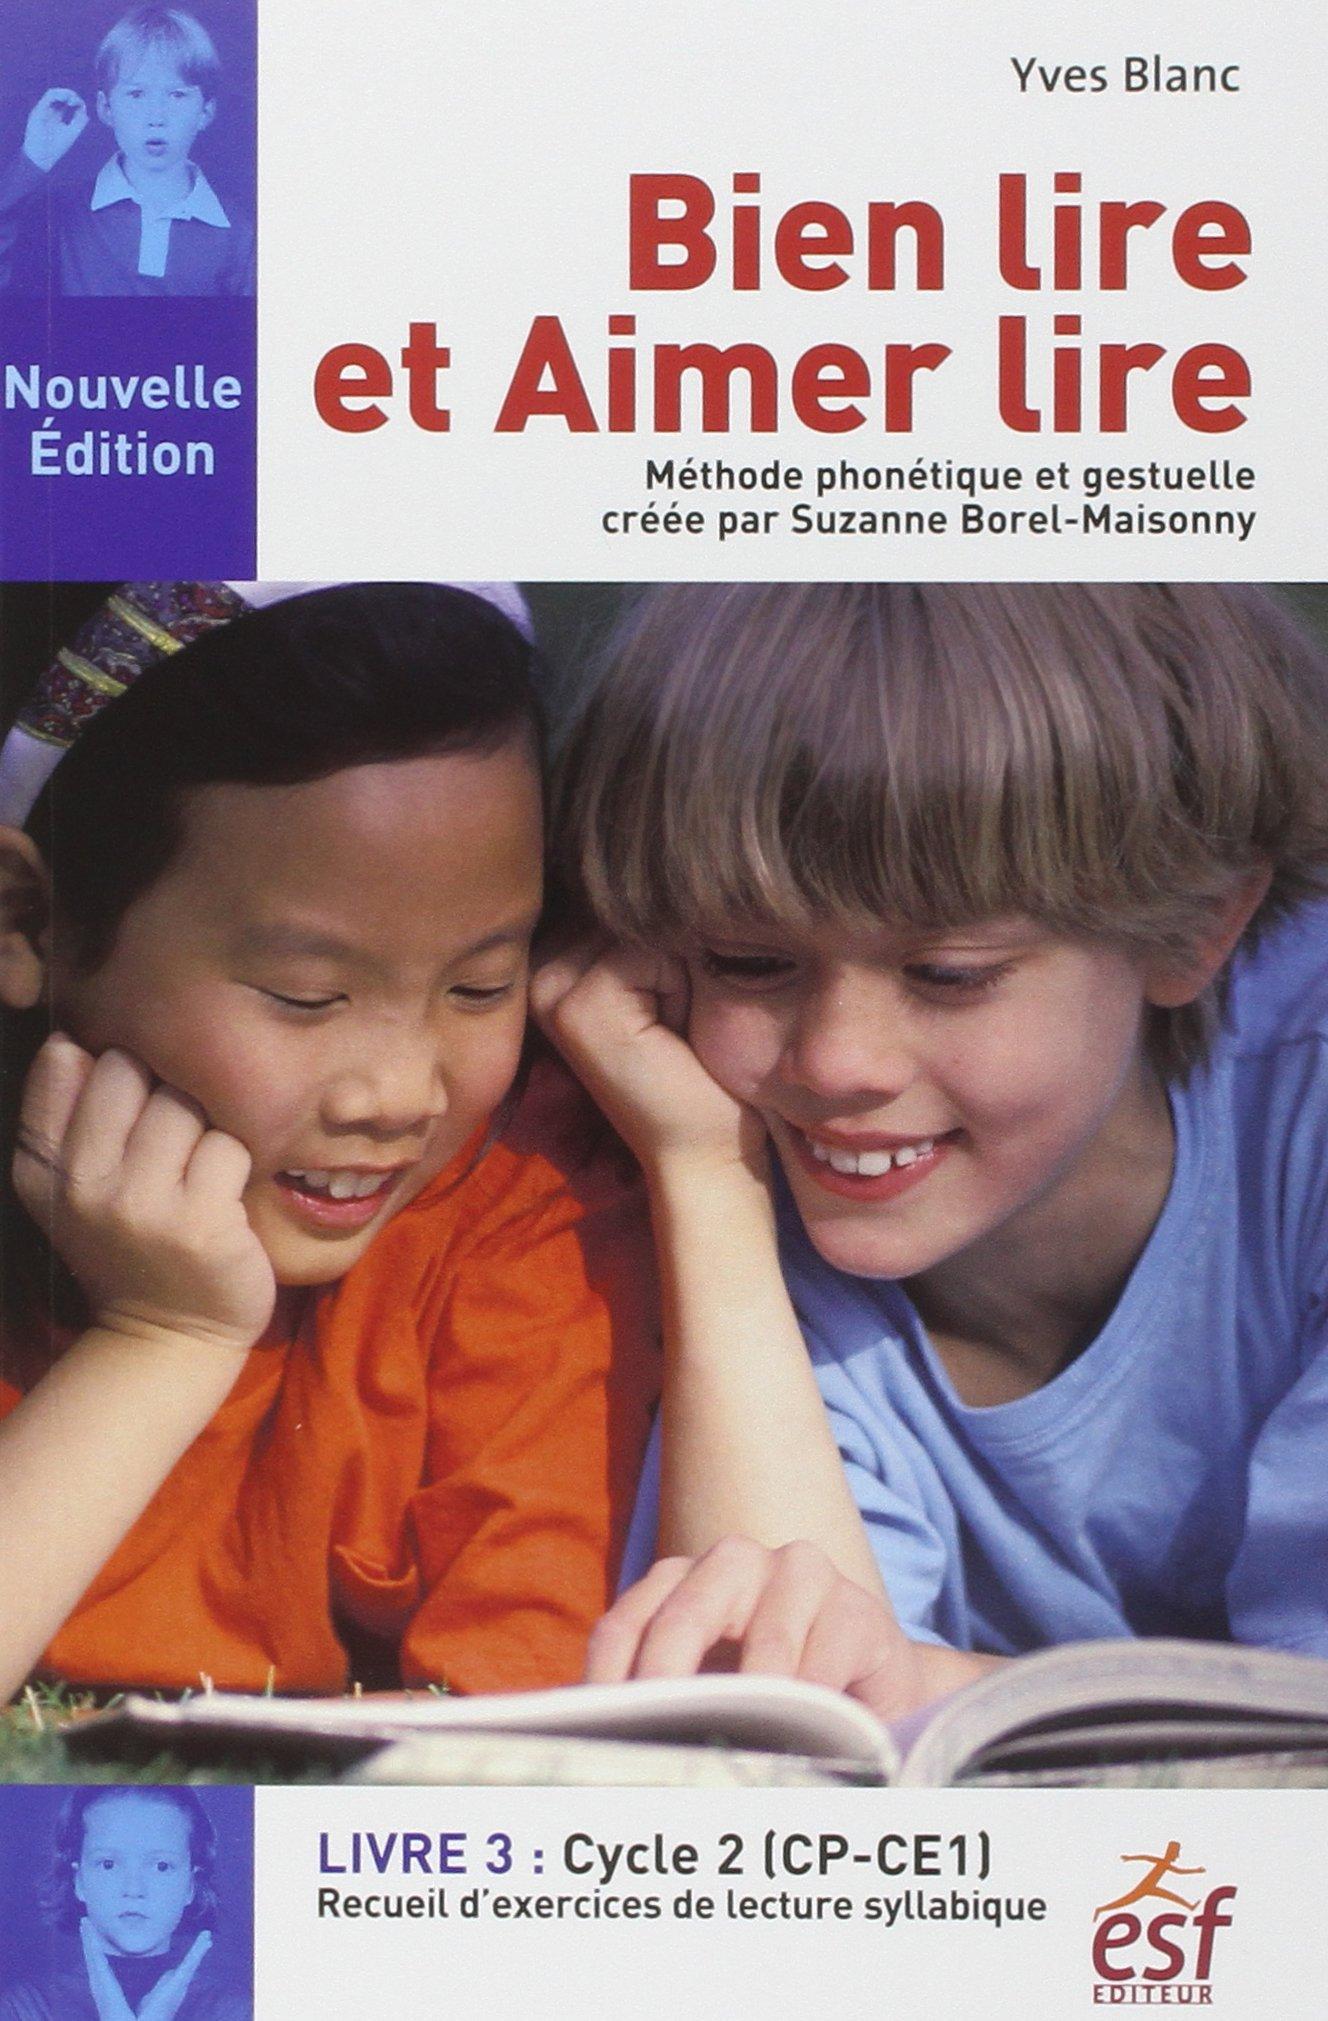 Bien Lire Et Aimer Lire Livre 3 Cycle 2 Cp Ce1 Recueil D Exercices De Lecture Syllabique Amazon Fr Blanc Yves Livres